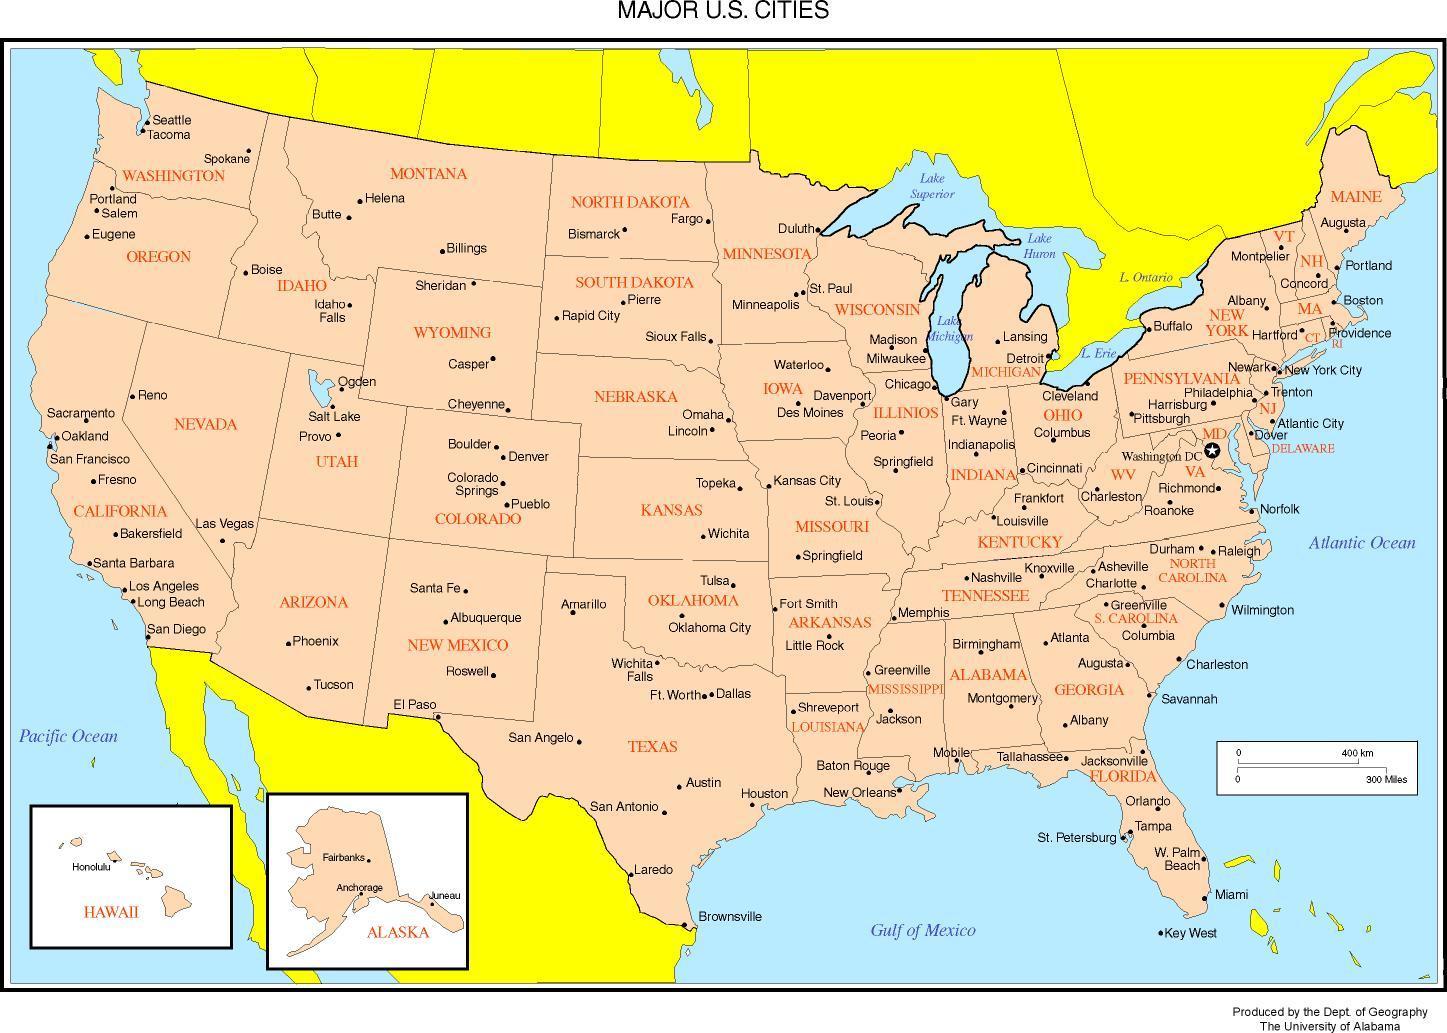 Karte Der Usa Zeigt Die Stadte Karte Der Usa Zeigen Den Grossen